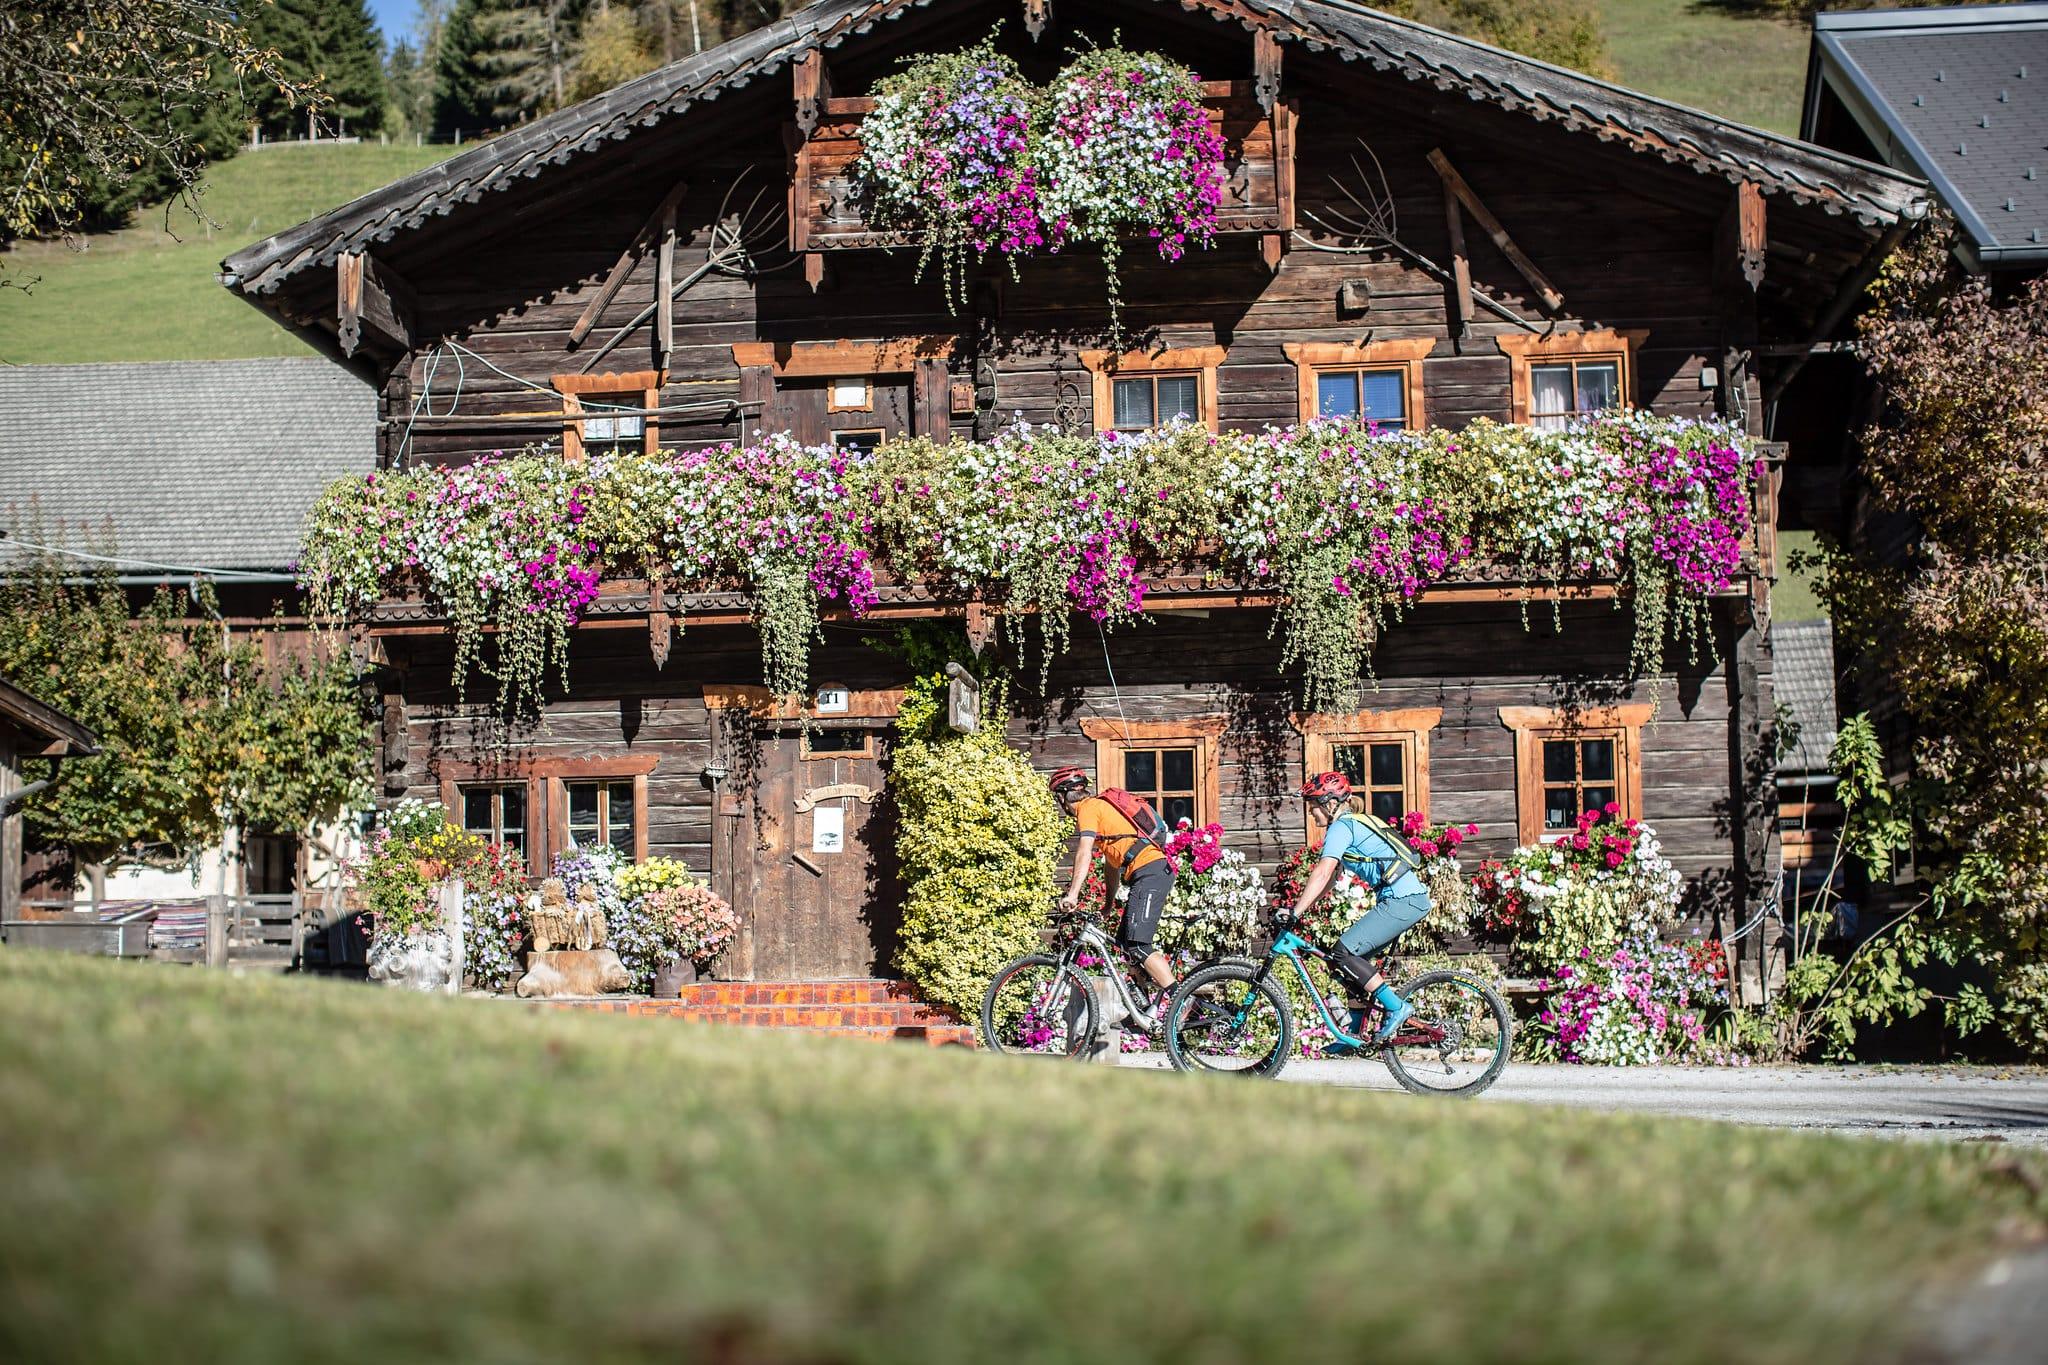 Hofgut-Wagrain-Apartment-Lifestyle-Resort-Freiheit-spueren-mit-Freunden-Bauernhaus-Blumen